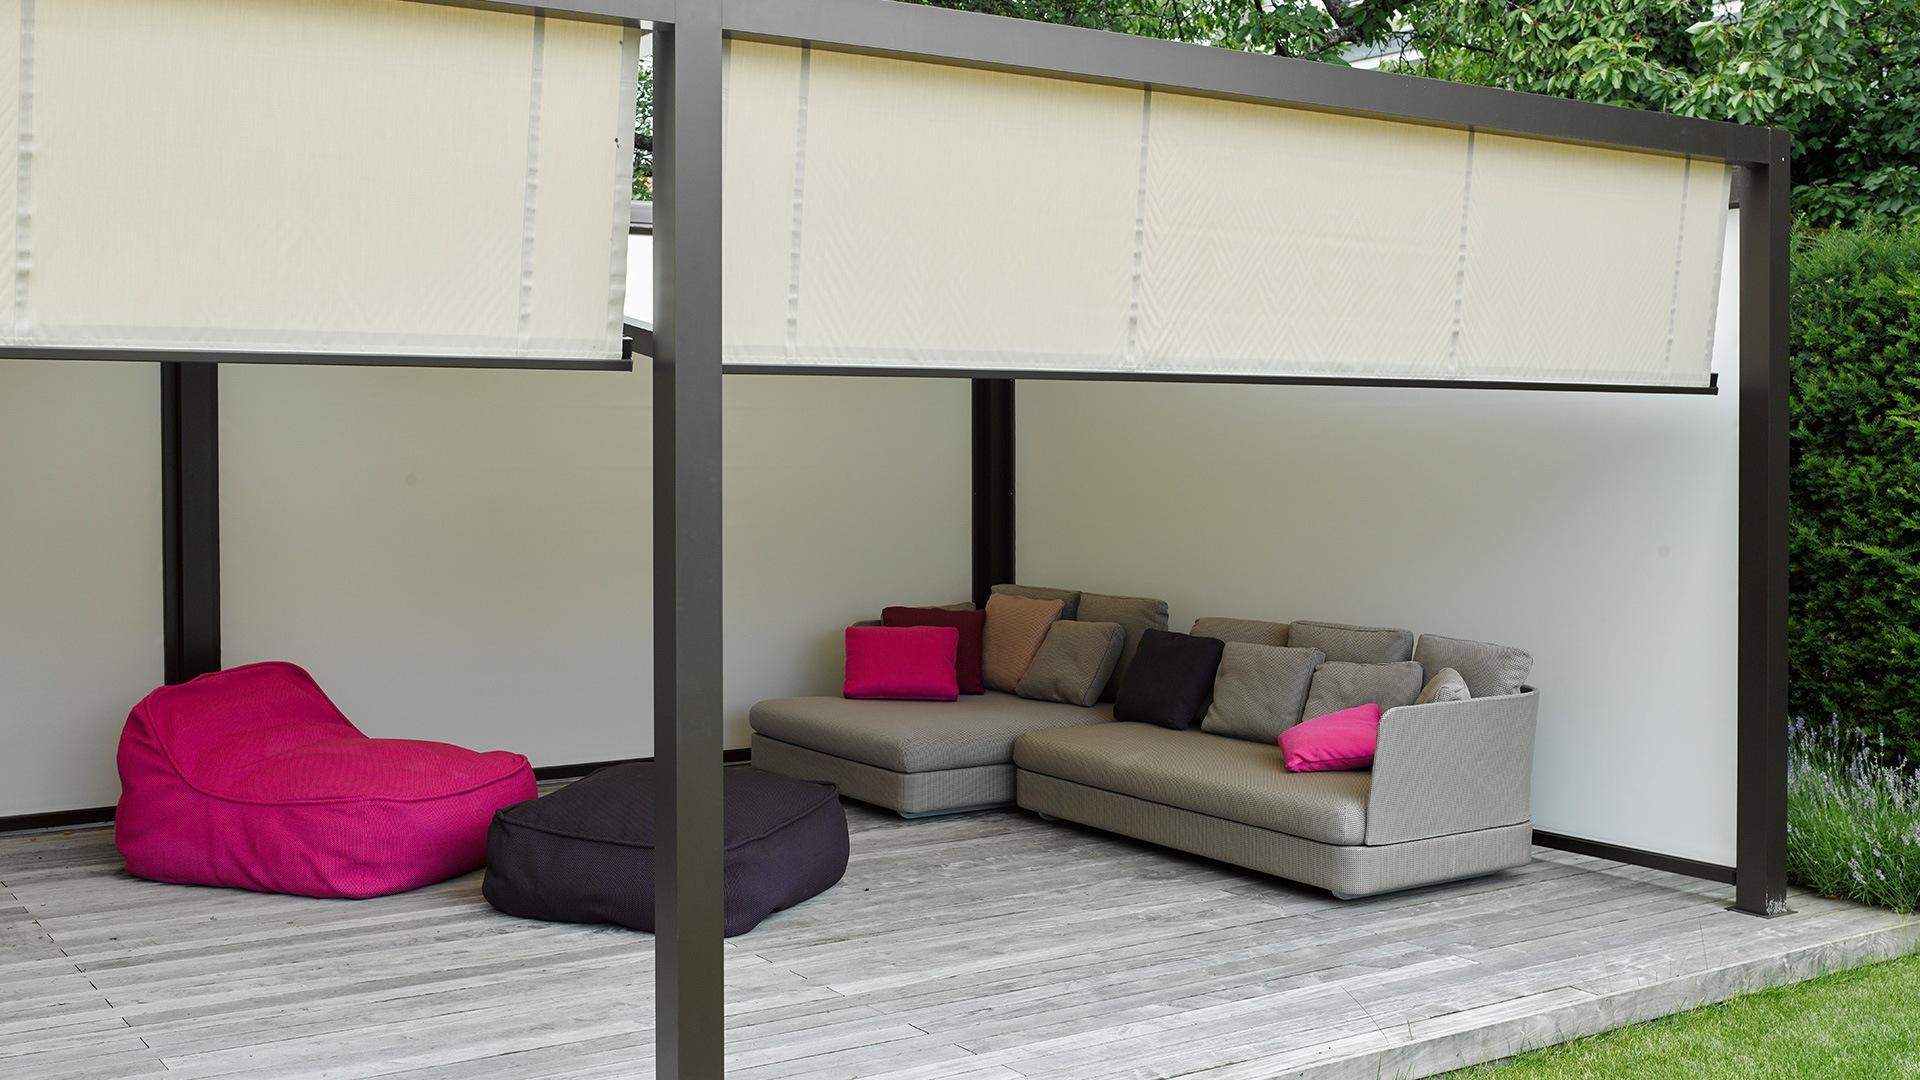 Sonnenschutz fur freisitz und garten markisen zanker for Markise balkon mit tapeten wohnzimmer modern grau